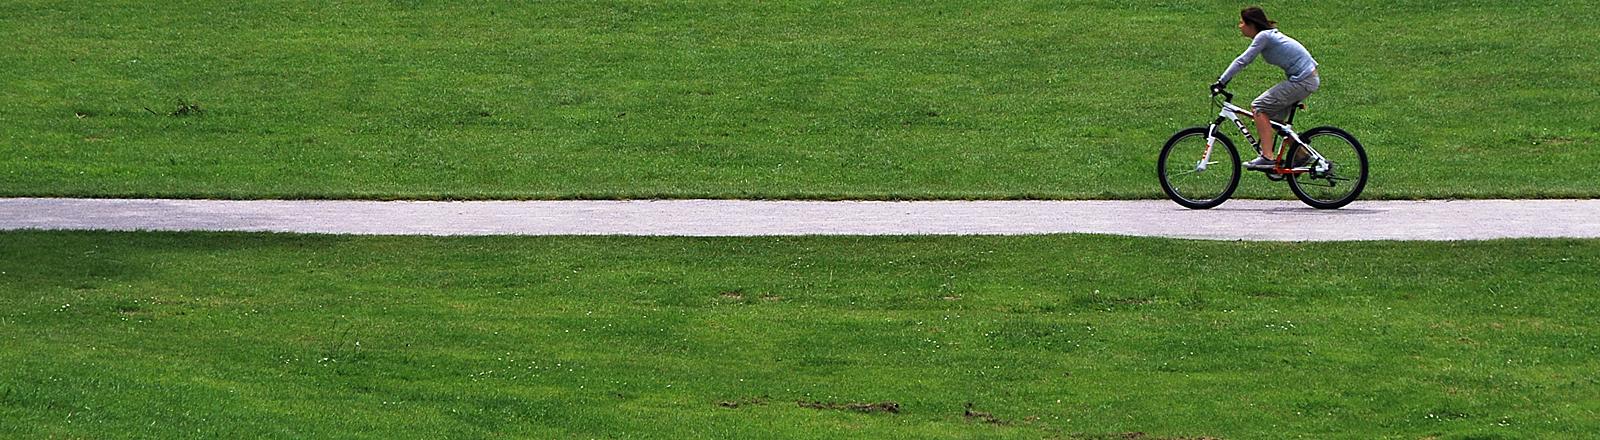 Eine Fahrradfahrerin fährt über einen Weg durch eine Wiese.